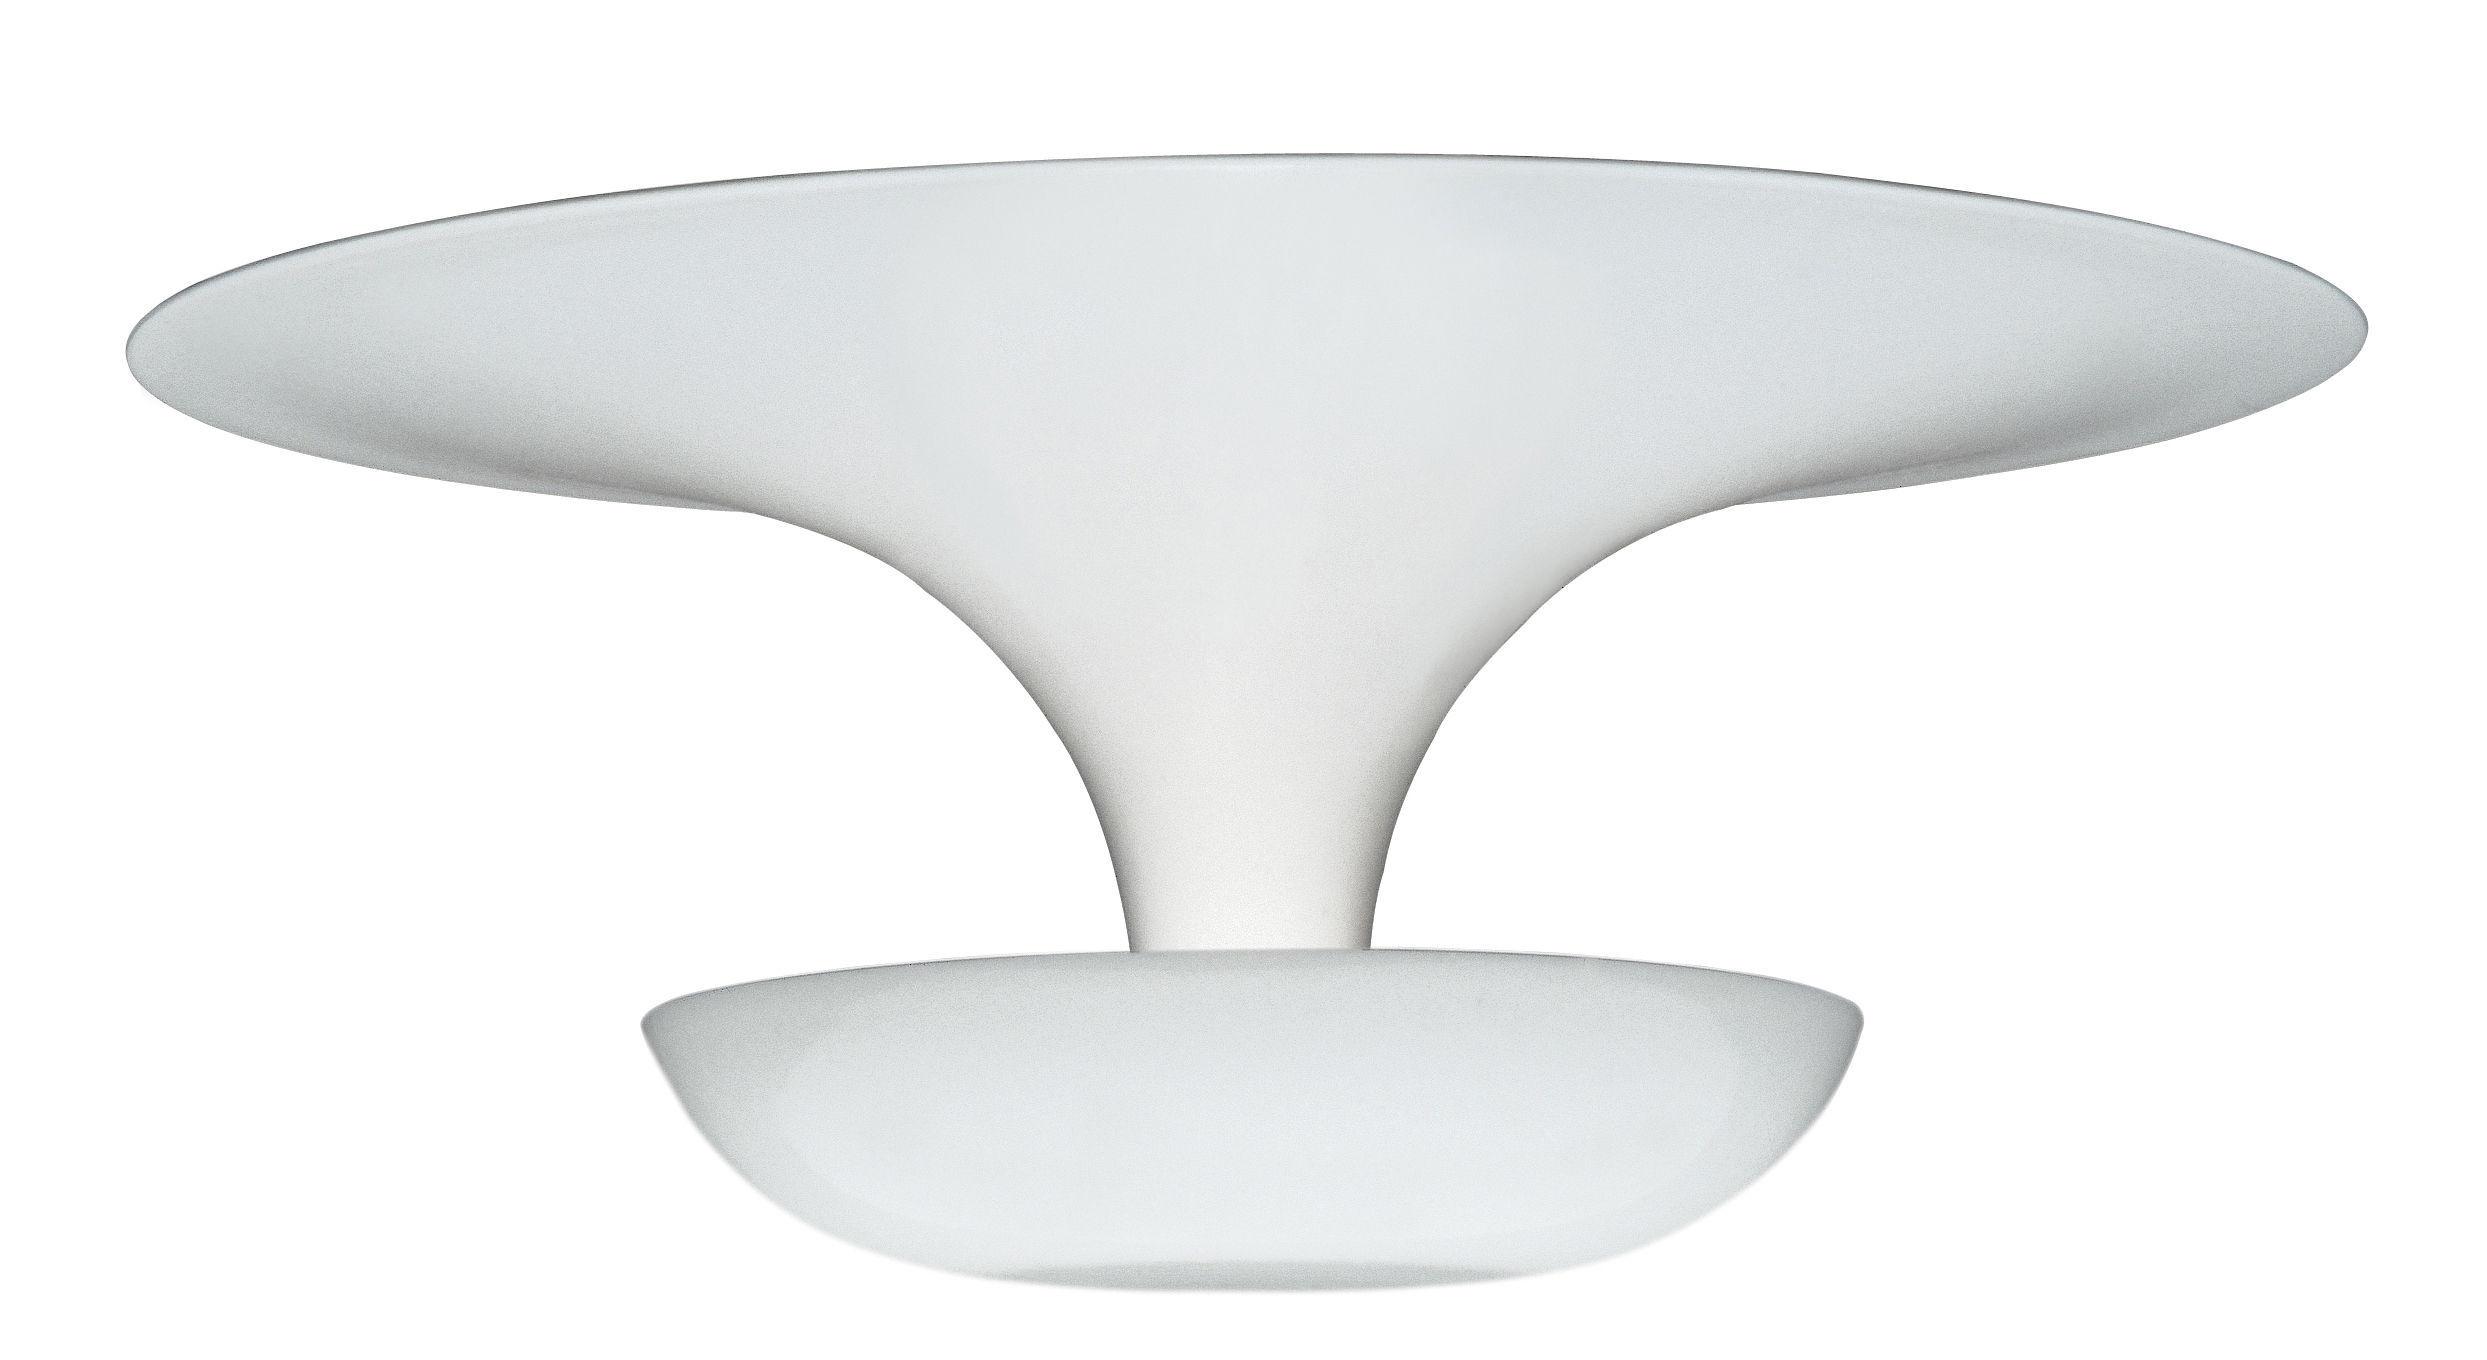 Illuminazione - Plafoniere - Plafoniera Funnel Mini - / LED - Ø 22 cm di Vibia - Bianco - alluminio verniciato